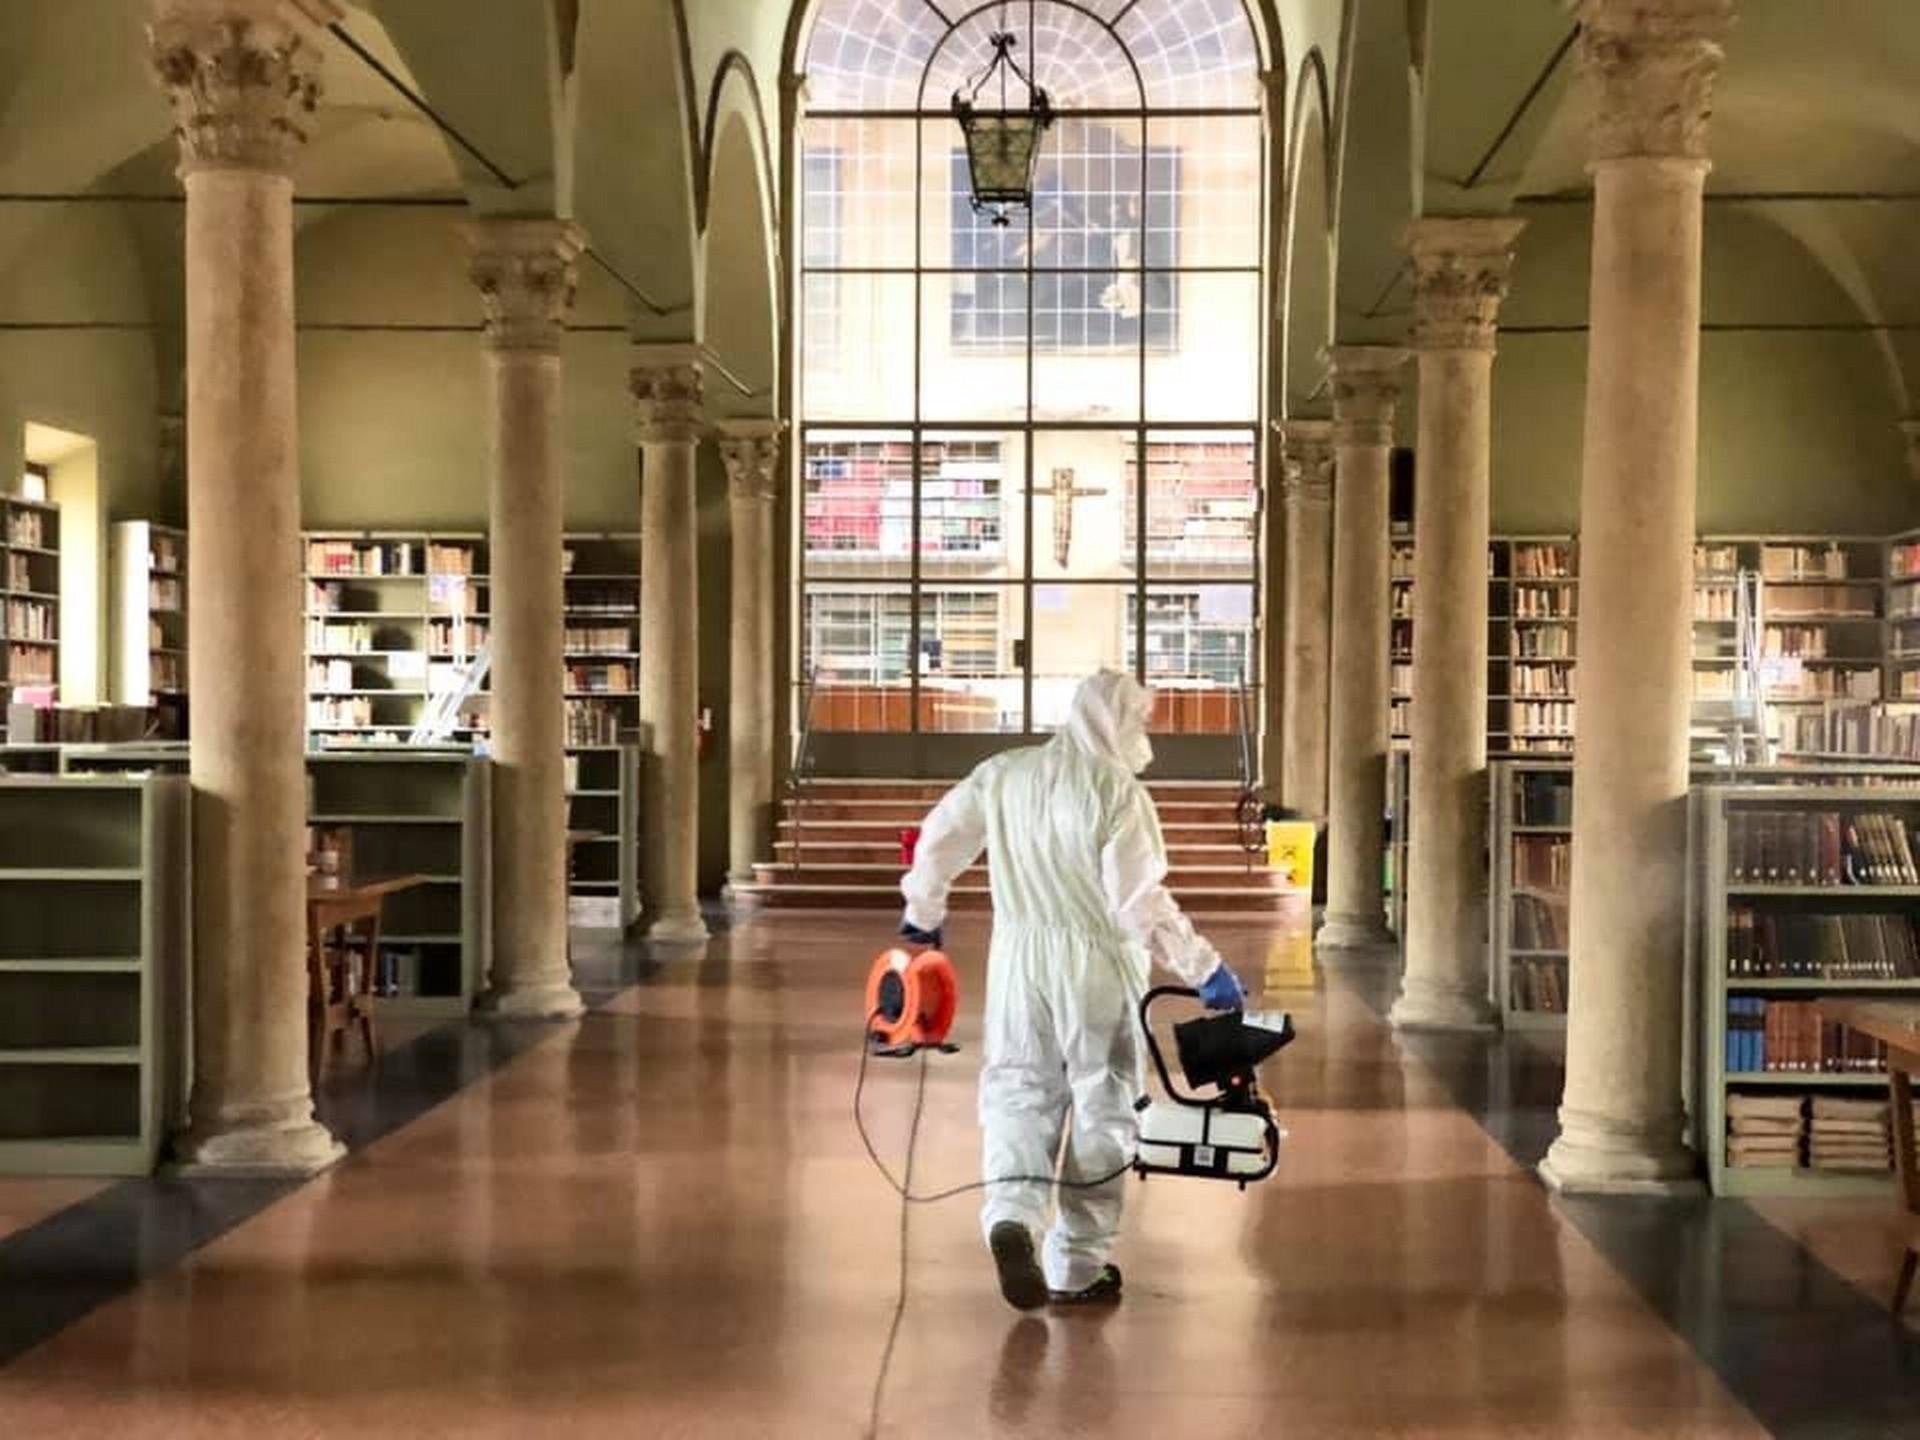 Pulizia Biblioteche 2_1920_1440